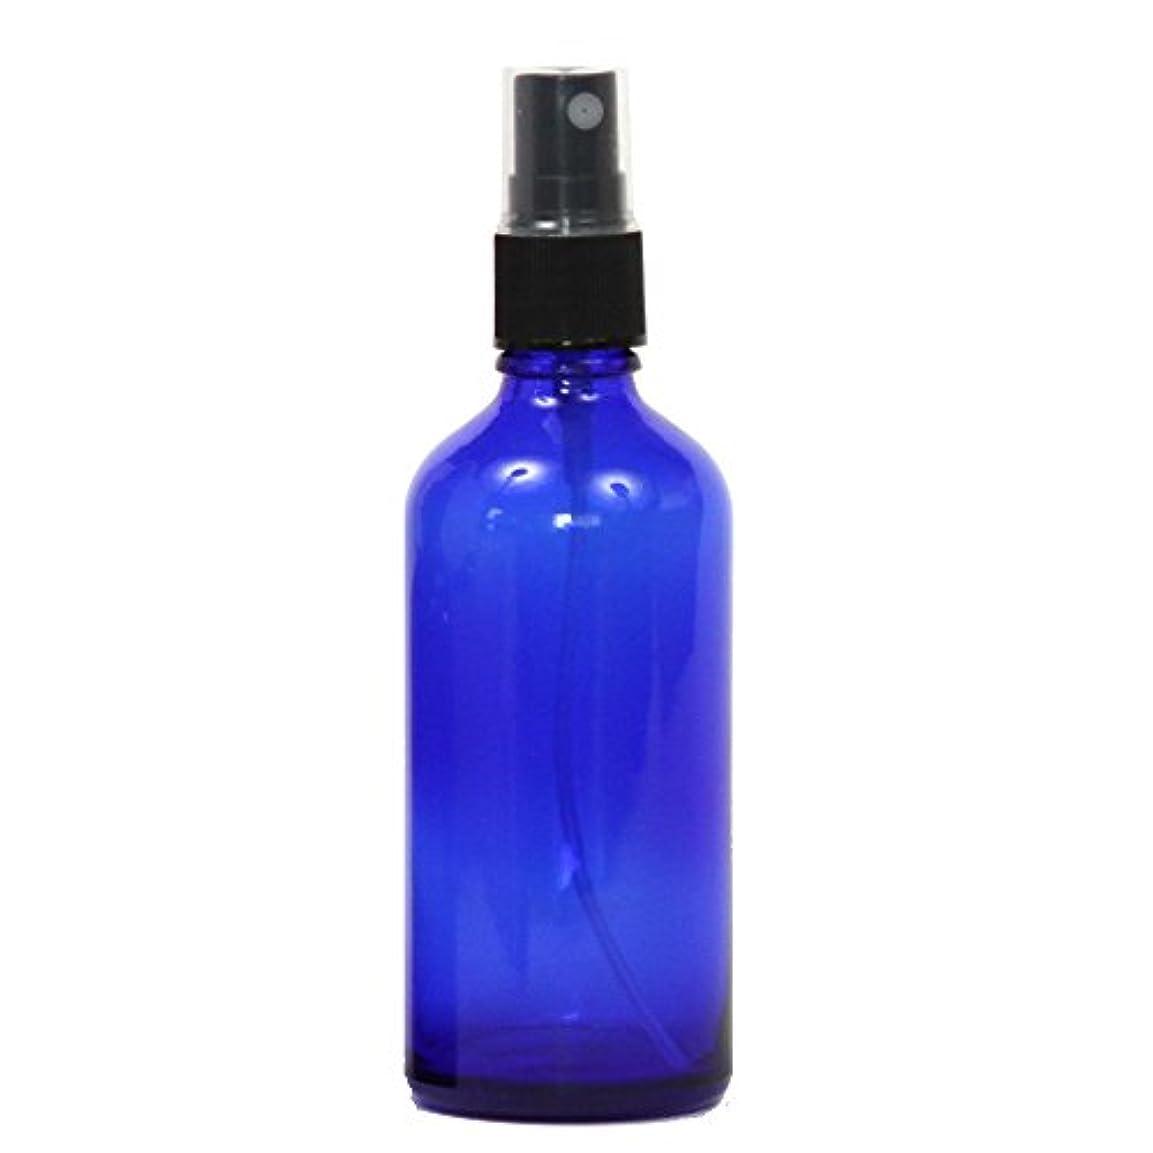 ピニオンランチョン離すスプレーボトル ガラス瓶 100mL 【コバルト 青色】 遮光性 ブルーガラスアトマイザー 空容器bu100g